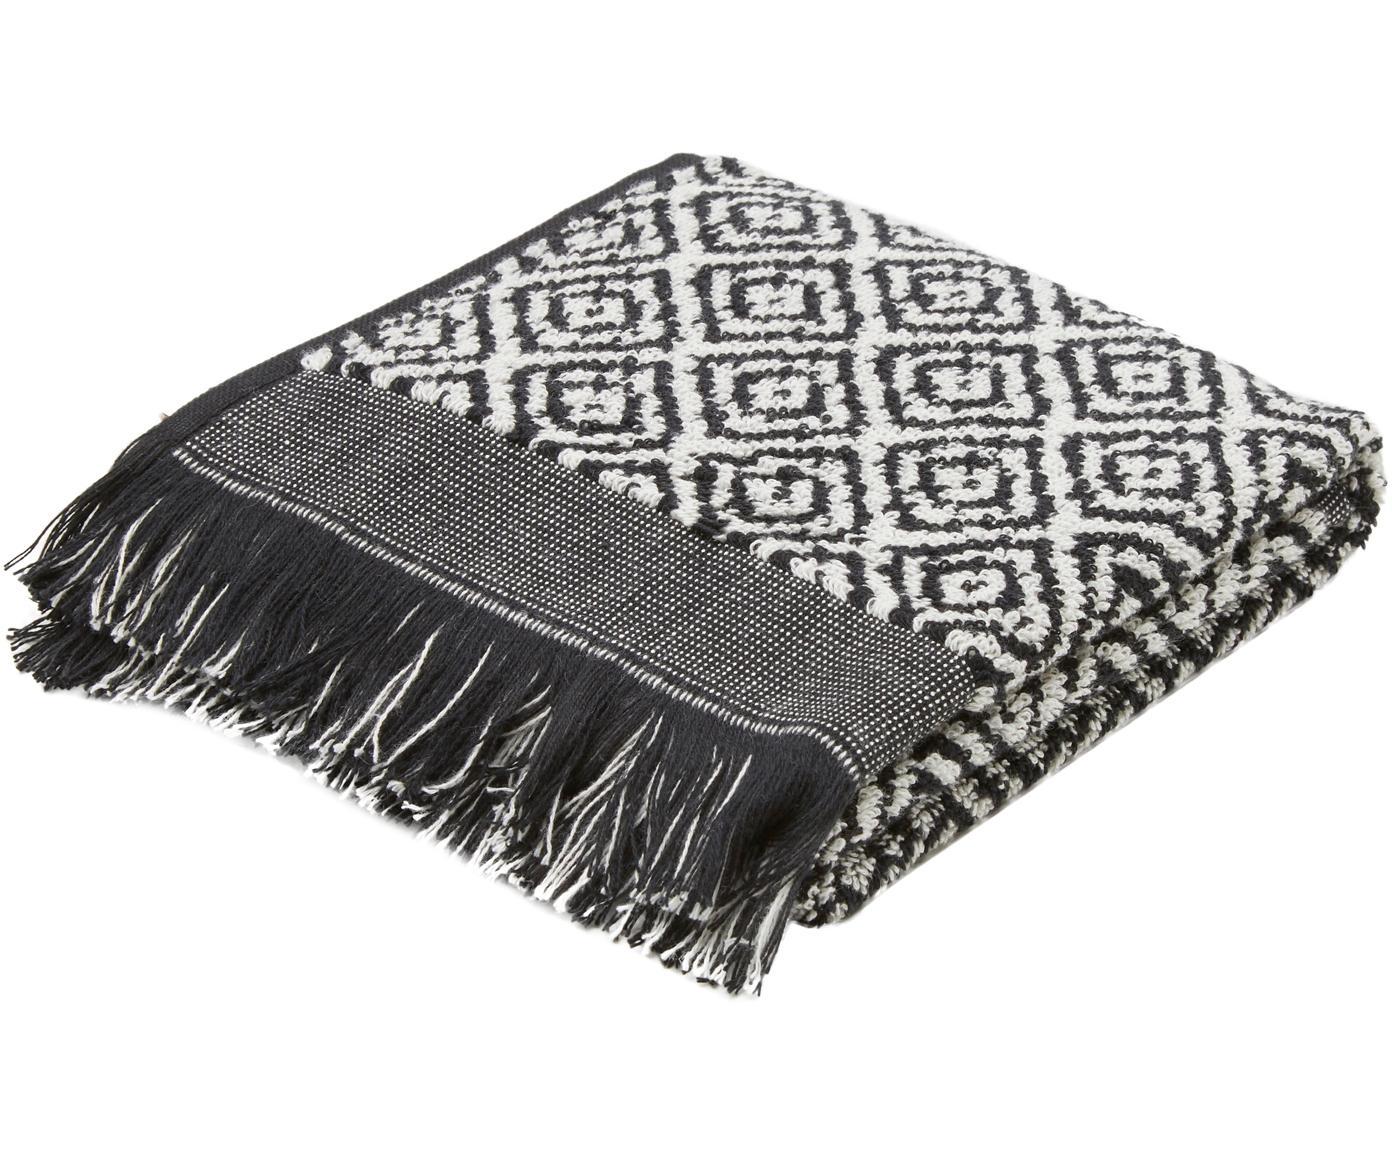 Ręcznik Morocco, 2 szt., Czarny, biały, Ręcznik dla gości